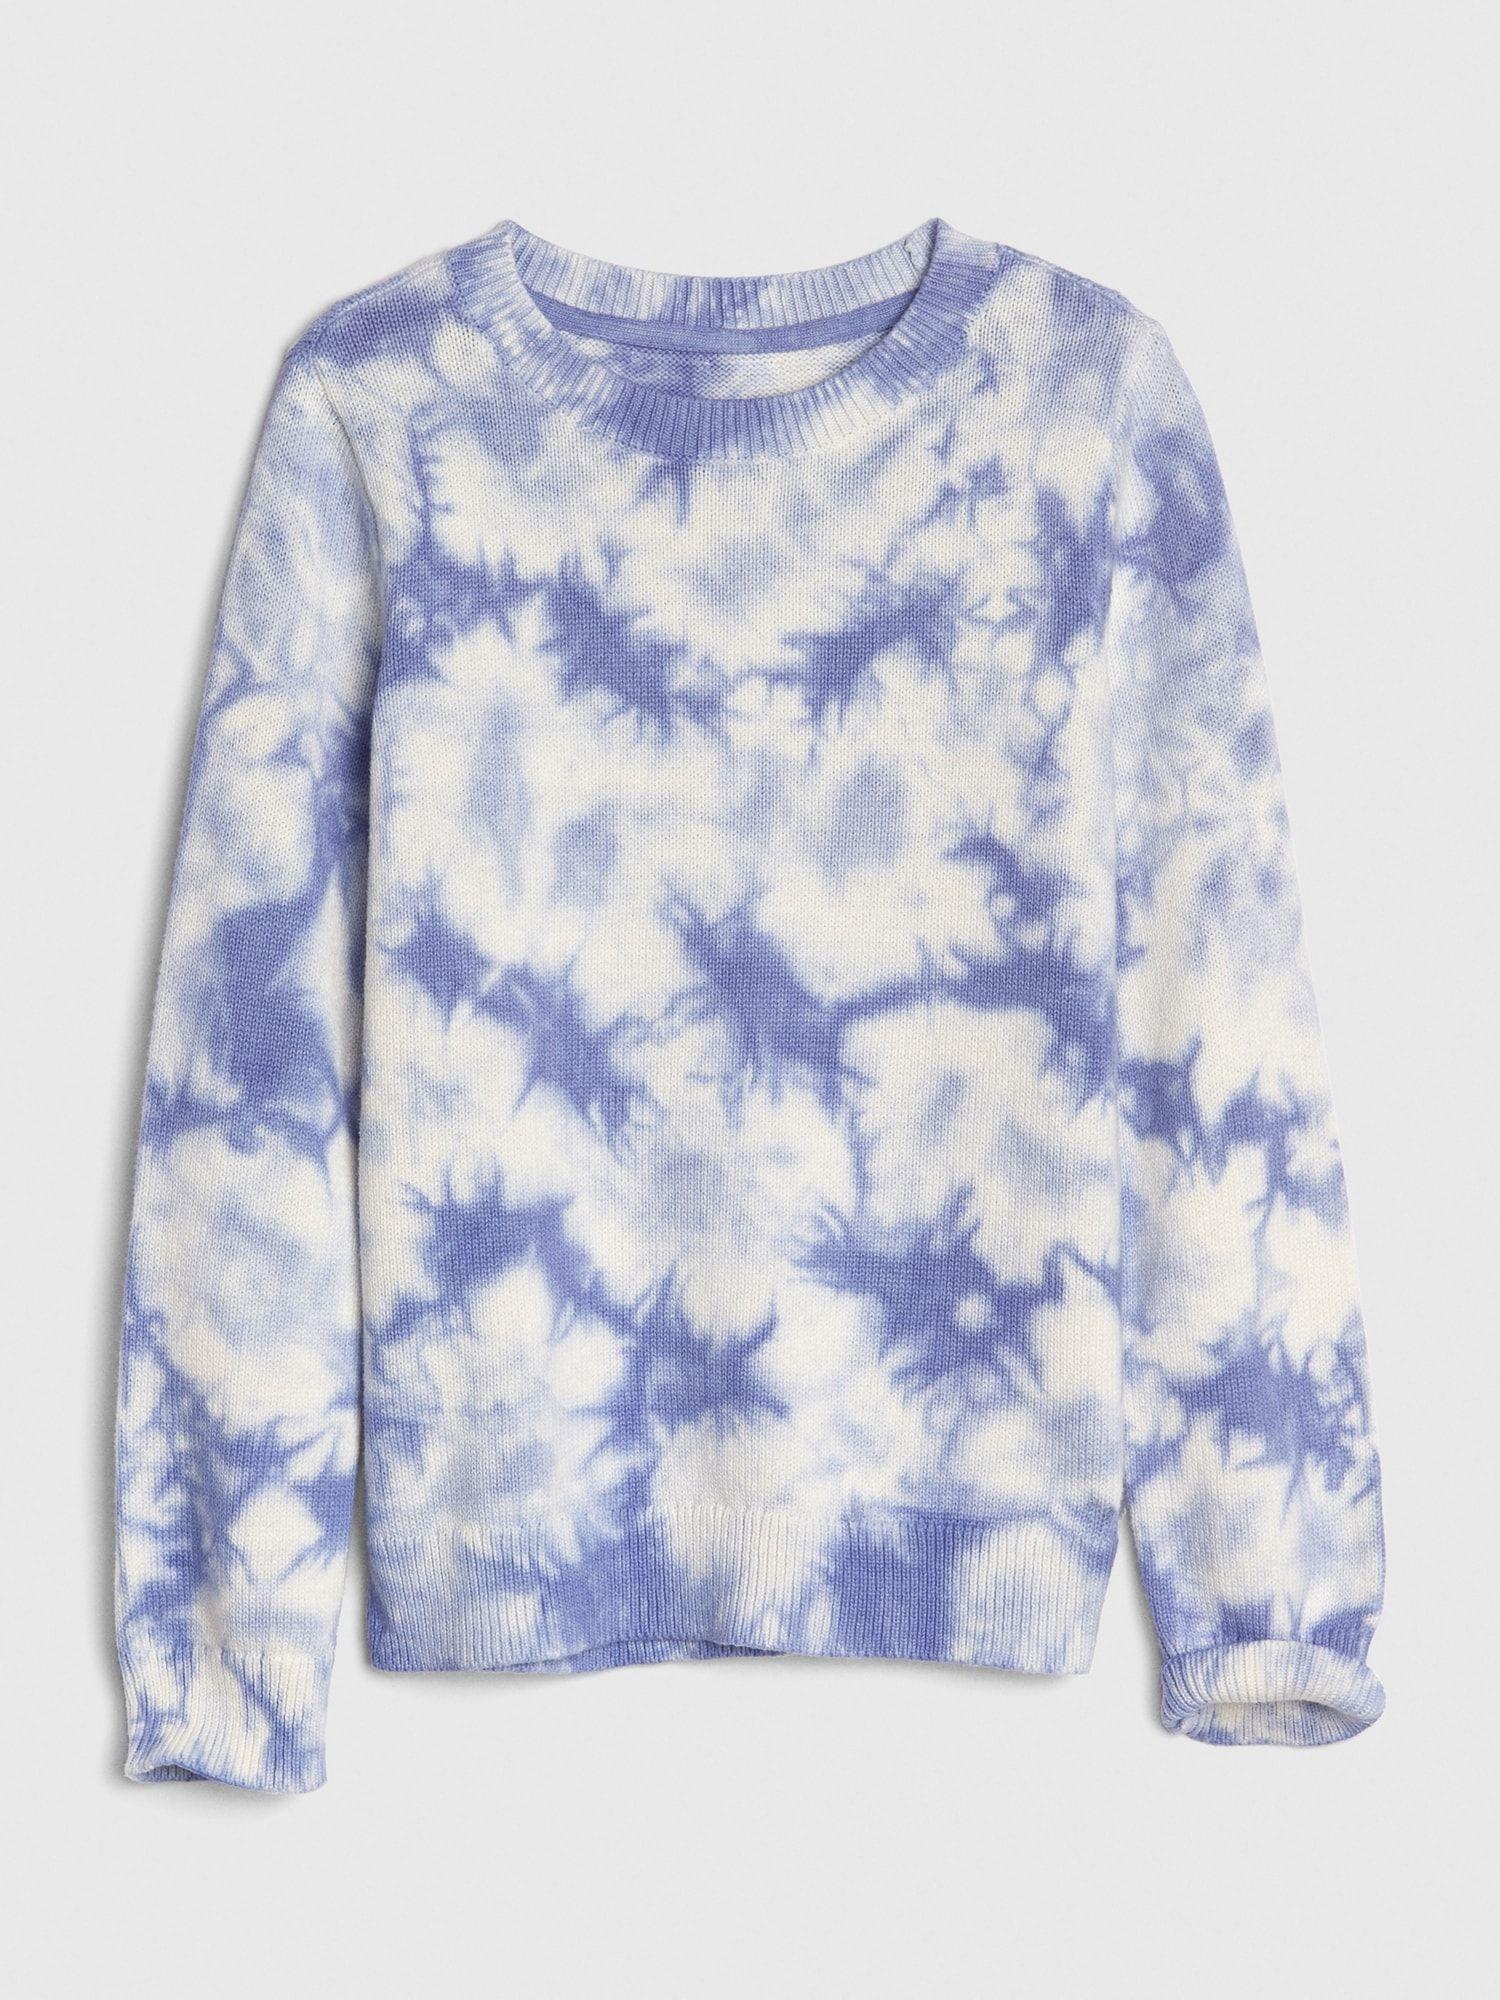 Kids Tie Dye Sweater Gap Kids Tie Dye Tie Dye Sweater Blue Tie Dye [ 2000 x 1500 Pixel ]